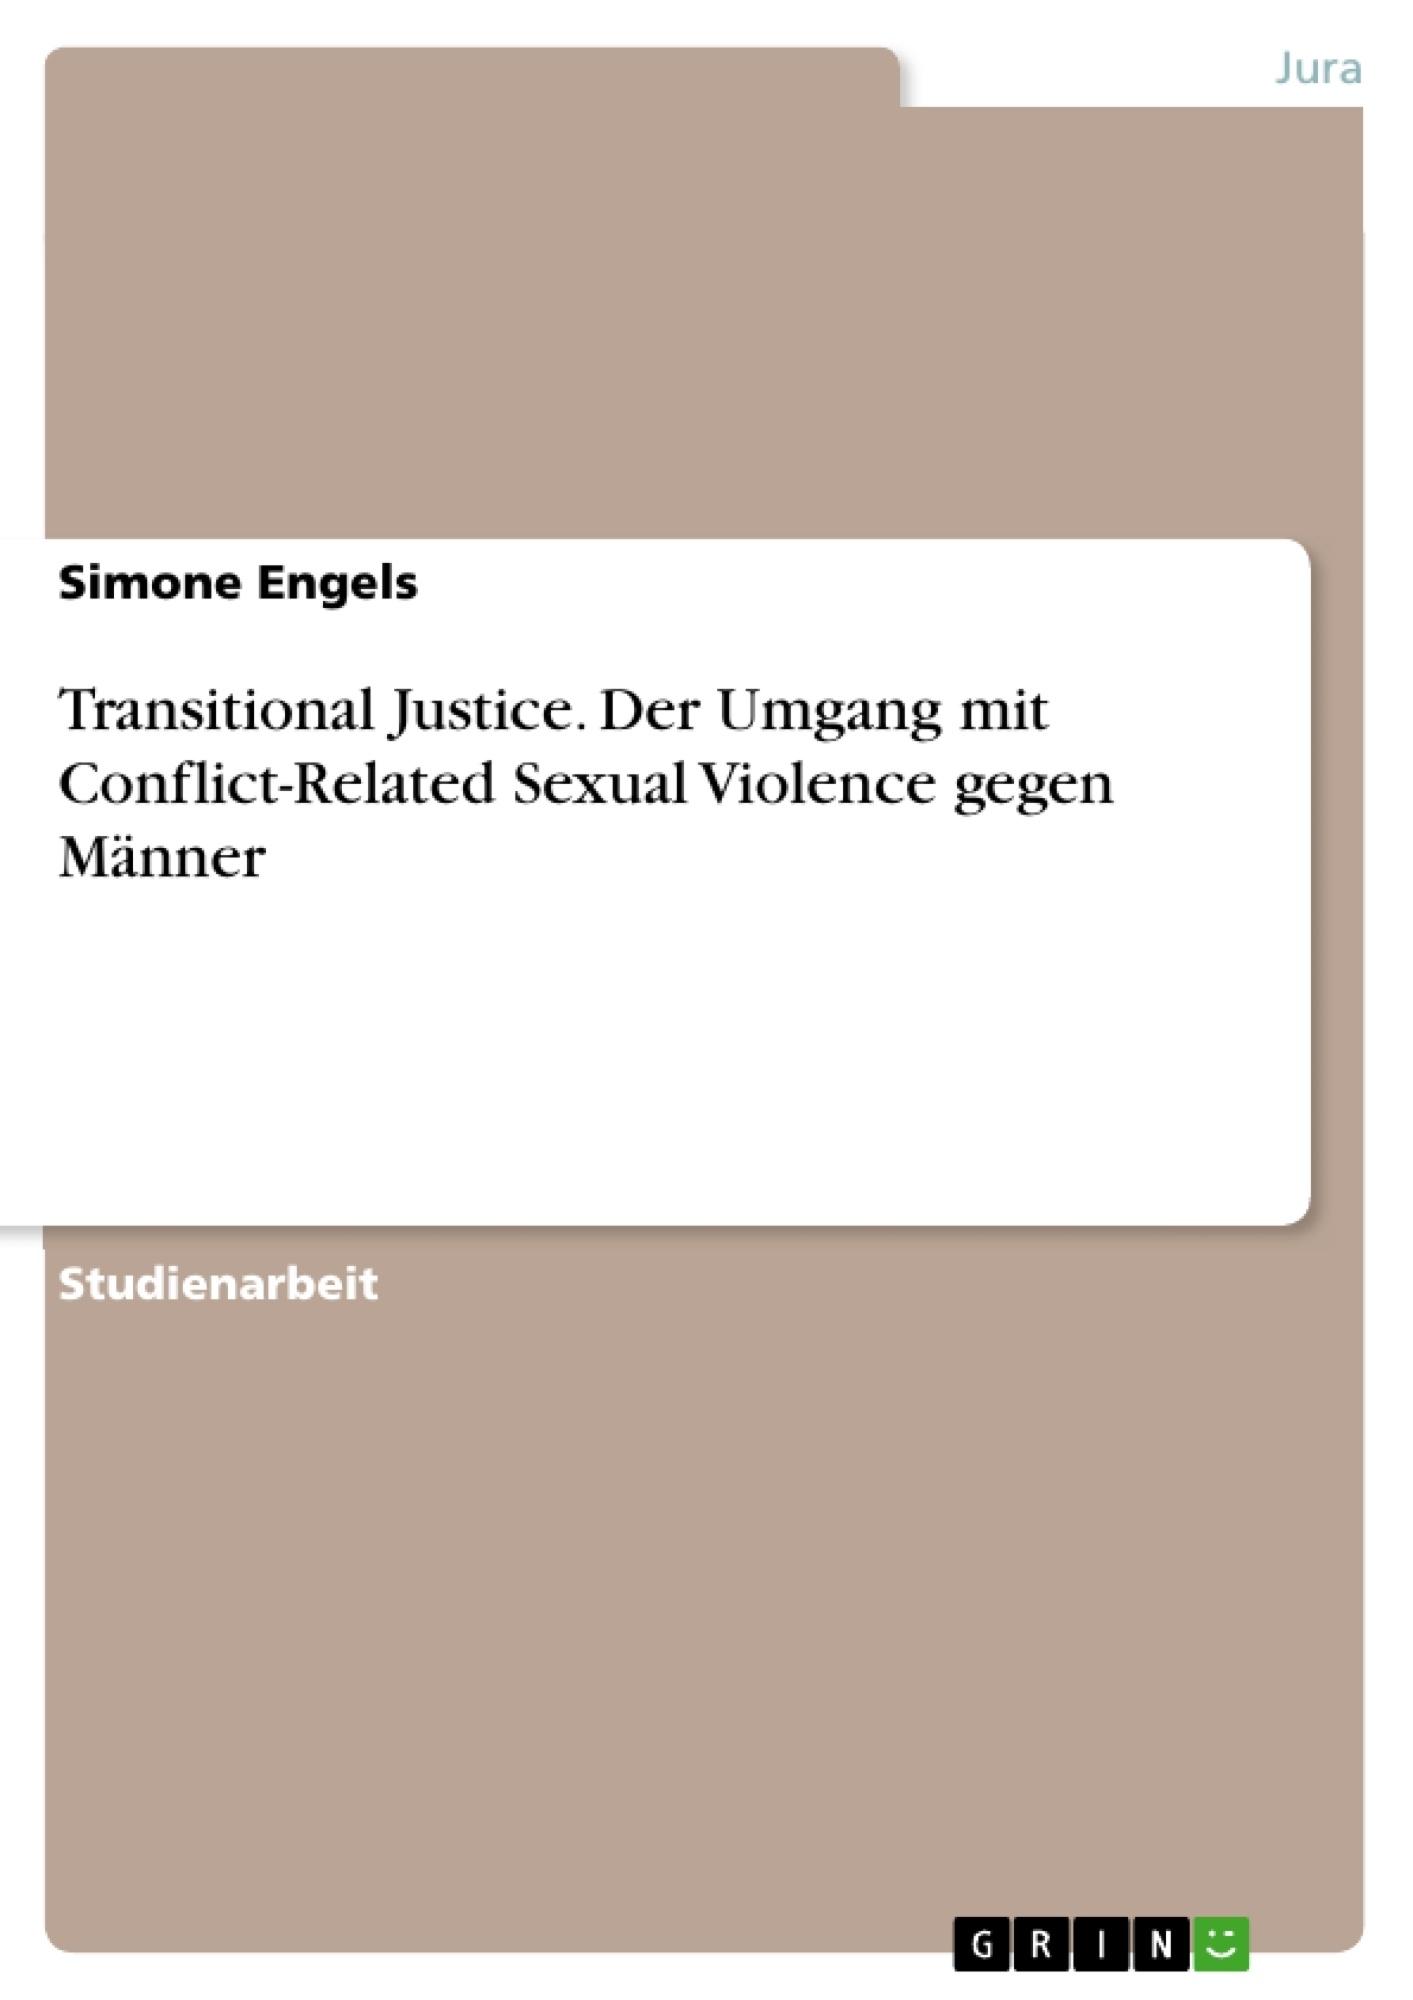 Titel: Transitional Justice. Der Umgang mit Conflict-Related Sexual Violence gegen Männer